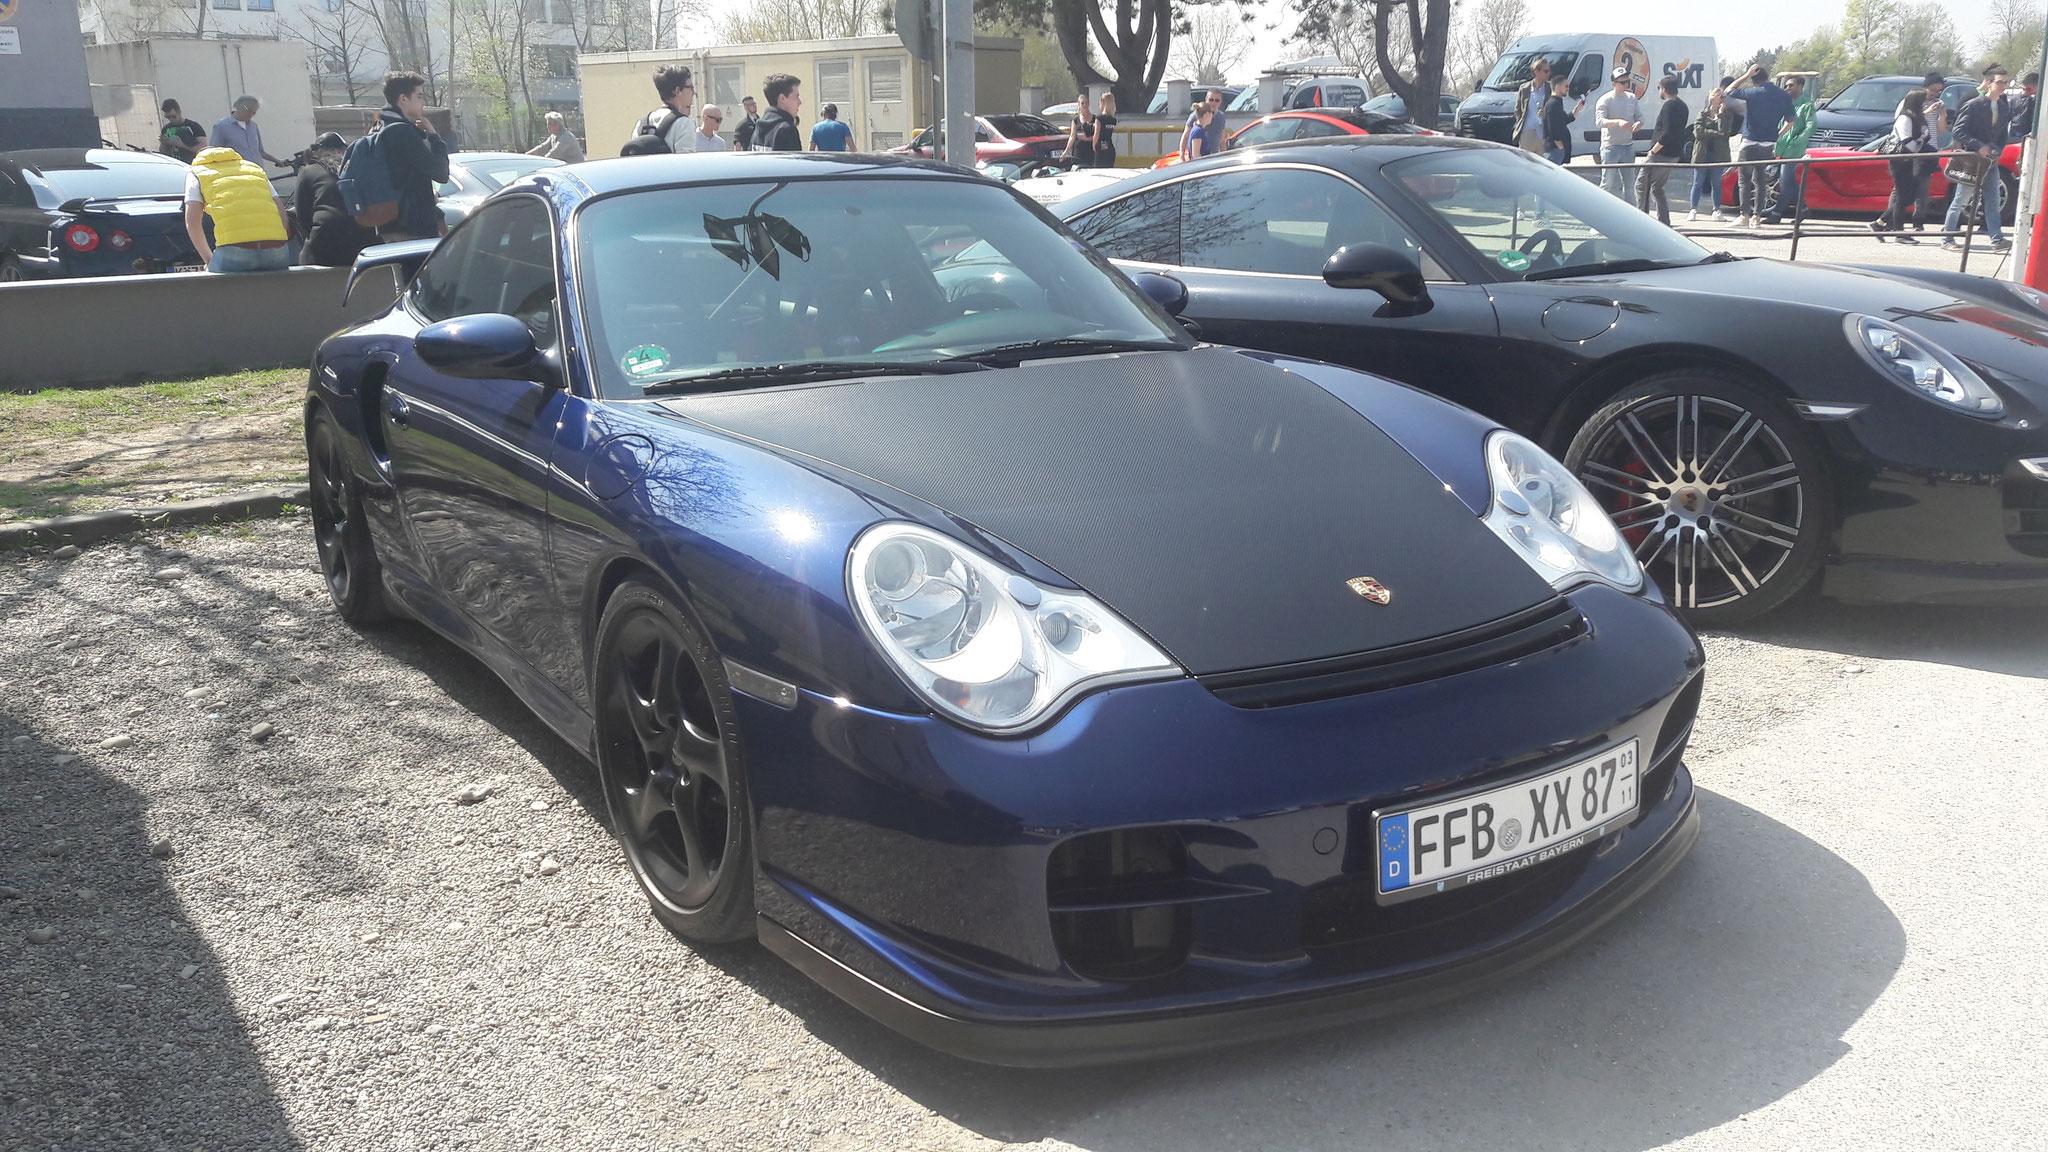 Porsche 911 996 GT2 RS - FFB-XX-87